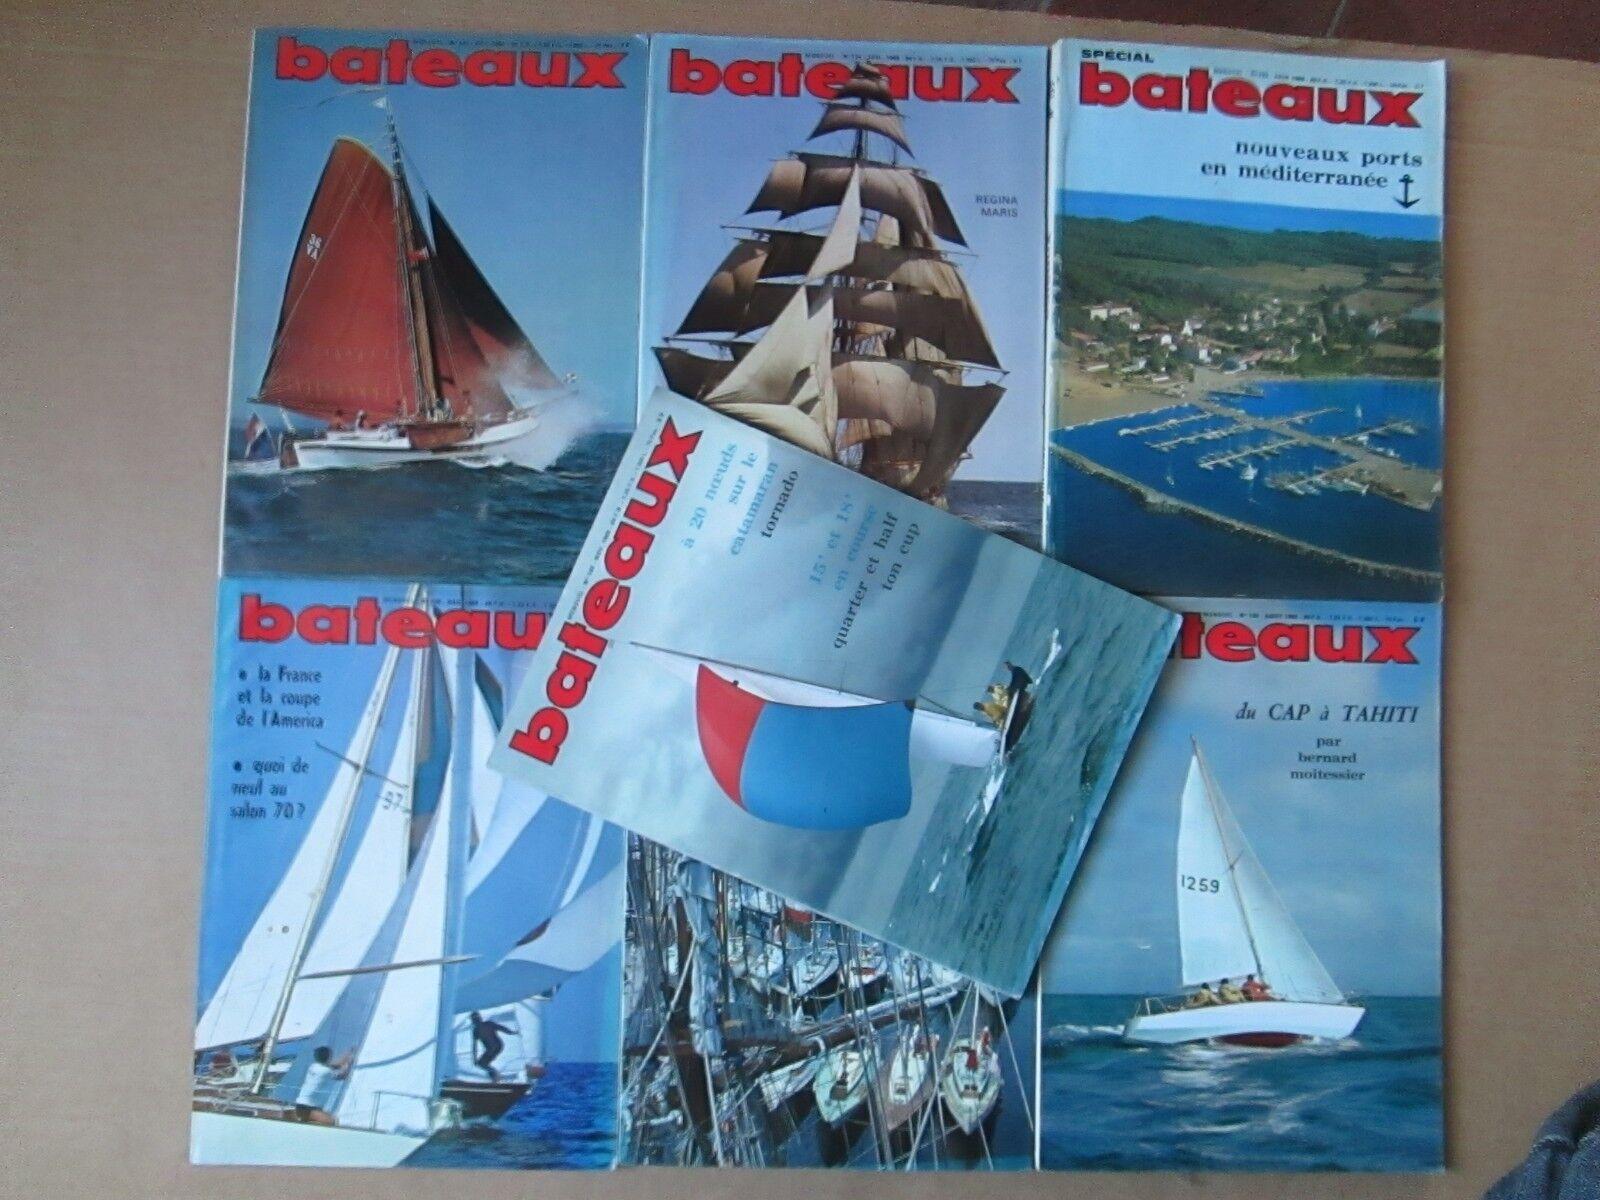 revue bateaux n°133 à 139 (7 numéros) de 1969.